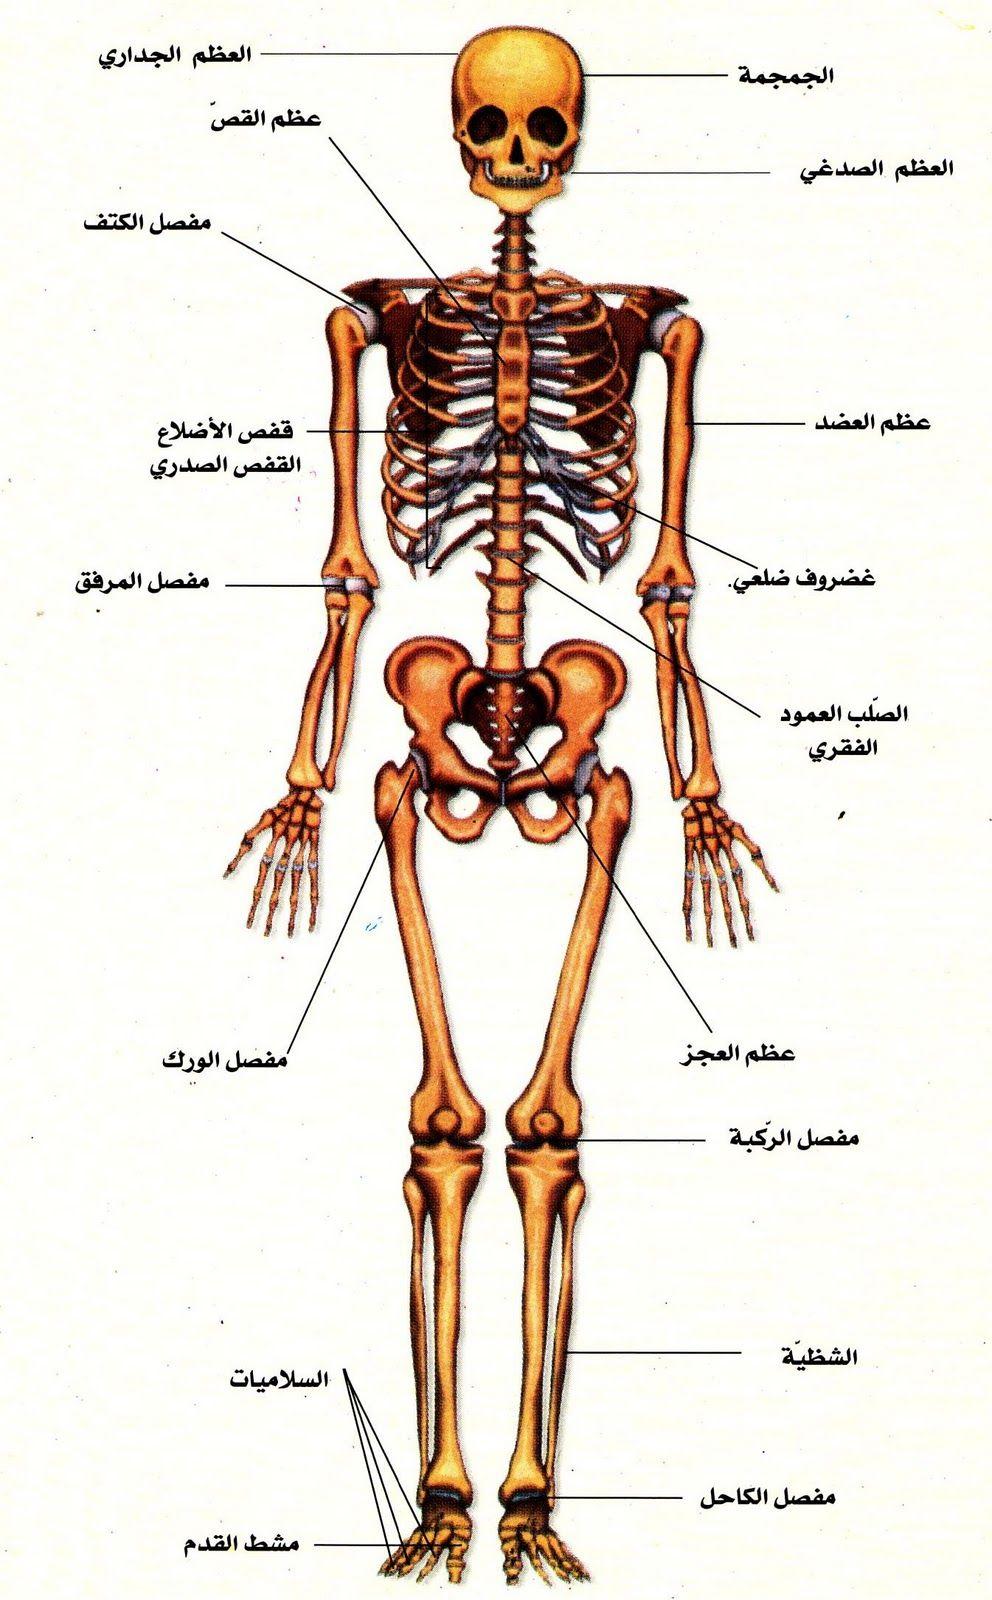 رسم توضيحي للعظام الطويلة في الهيكل العظمي للإنسان متضمنا علاقة القدم وأصابع القدم بالجسم Illustrati Cool Science Projects Fun Science Brain Nervous System